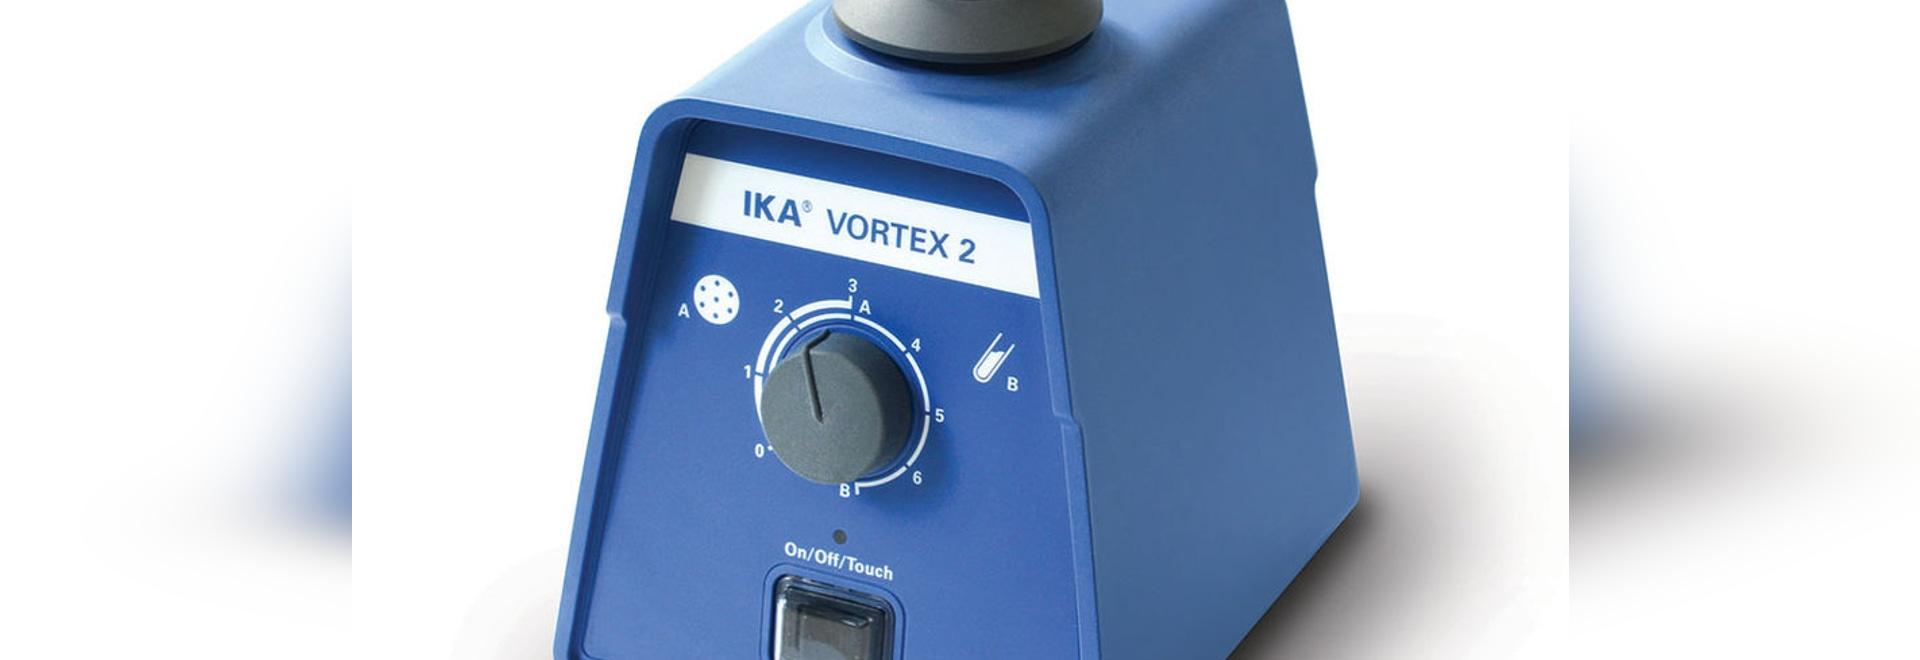 NEW: vortex shaker by IKA